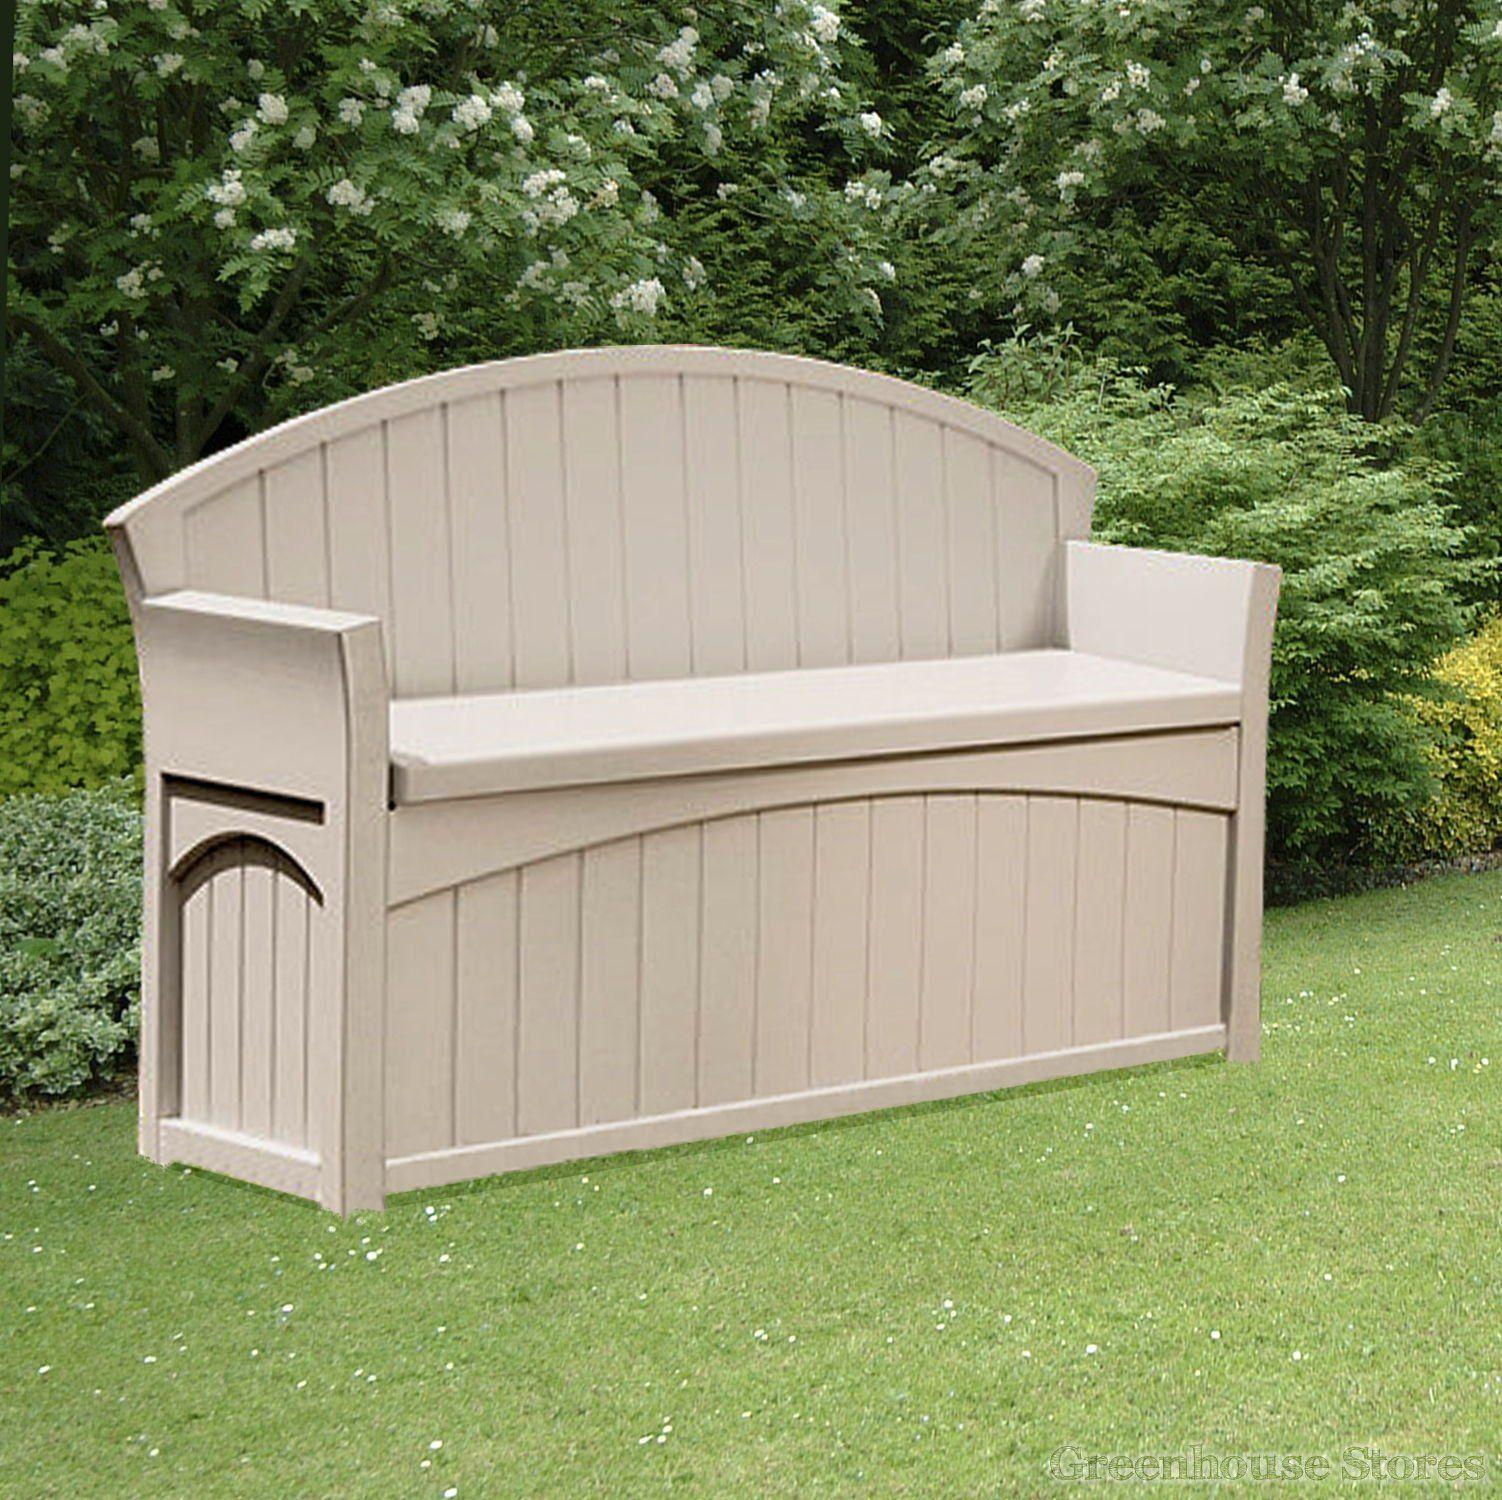 Suncast 189 Litre Plastic Storage Bench Greenhousestores Co Uk Outdoor Storage Bench Patio Storage Bench Garden Storage Bench